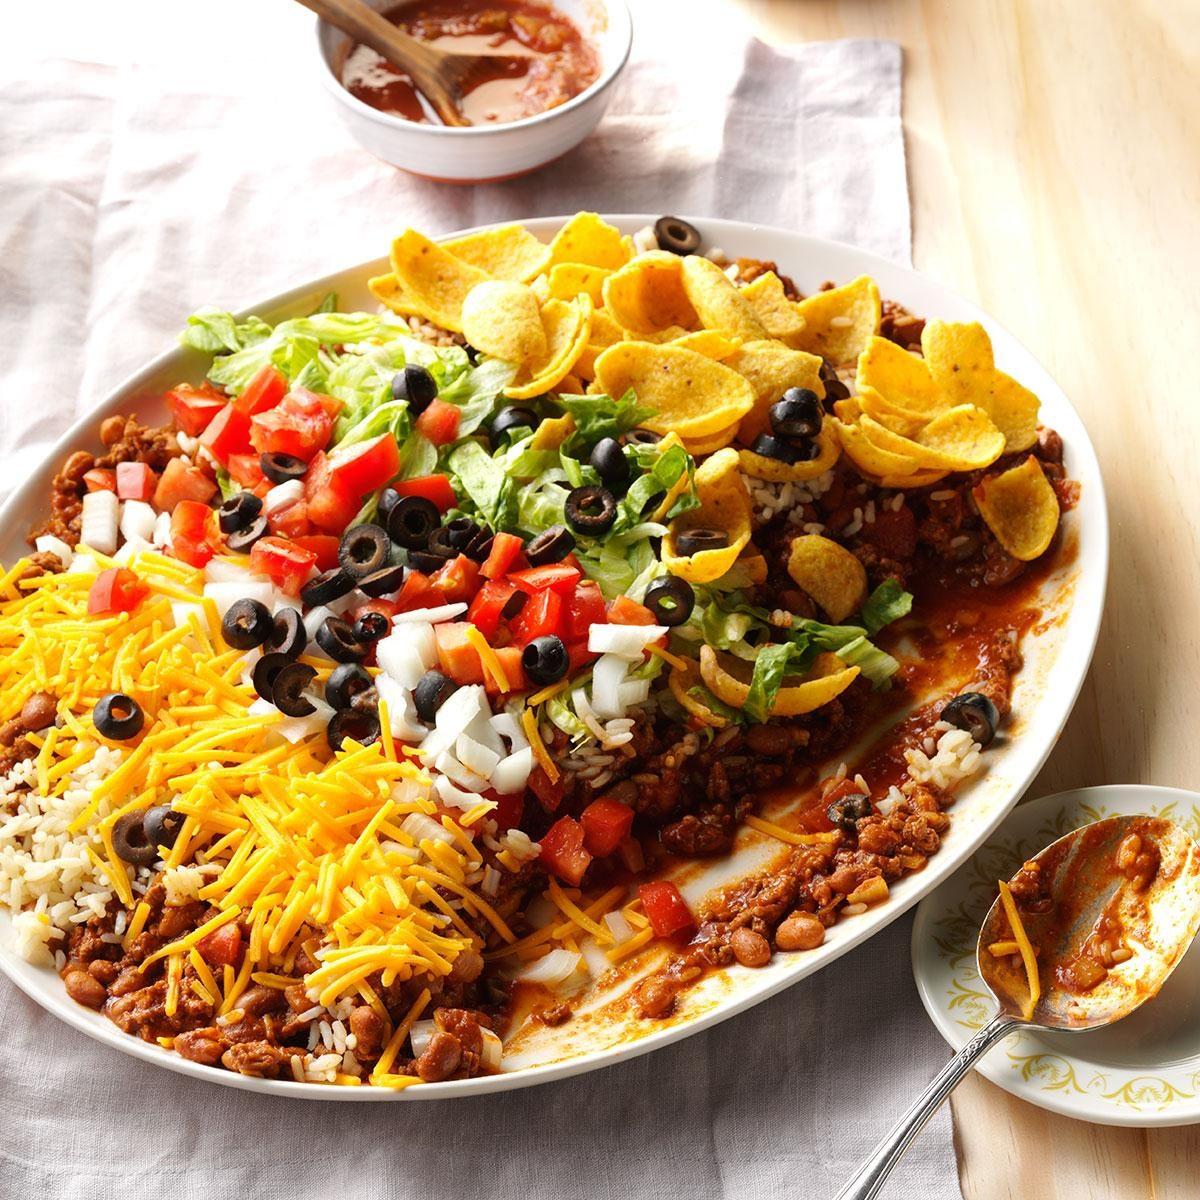 Texas: Texas Taco Dip Platter